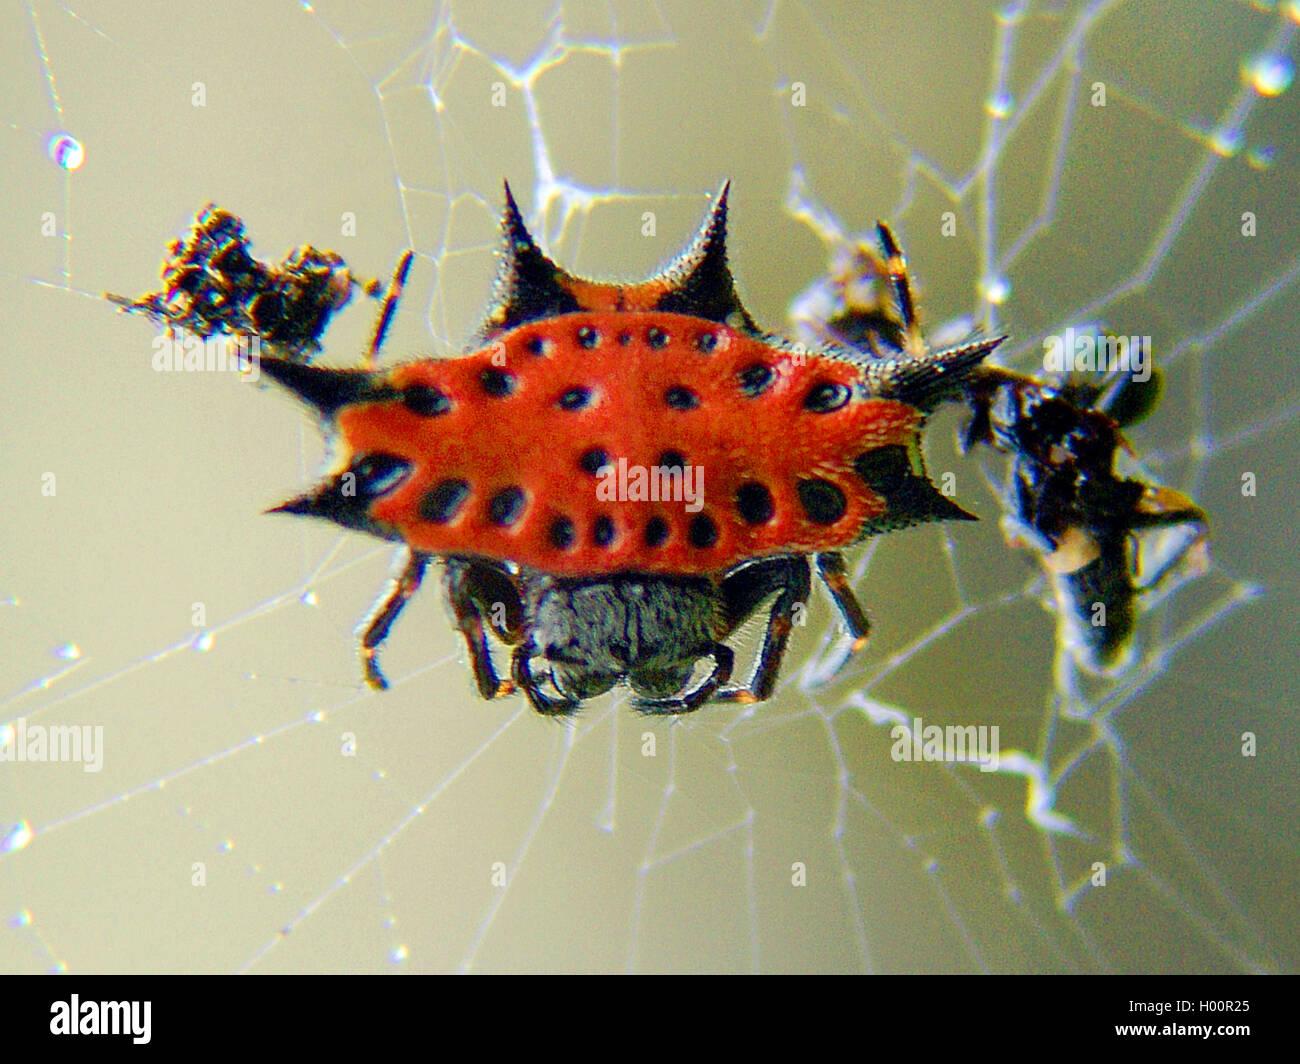 Radnetzspinne, Radnetz-Spinne, Gastercantha Cancriformis (Gastercantha Cancriformis) in Dachmarke Netz, Costa Rica Stockbild